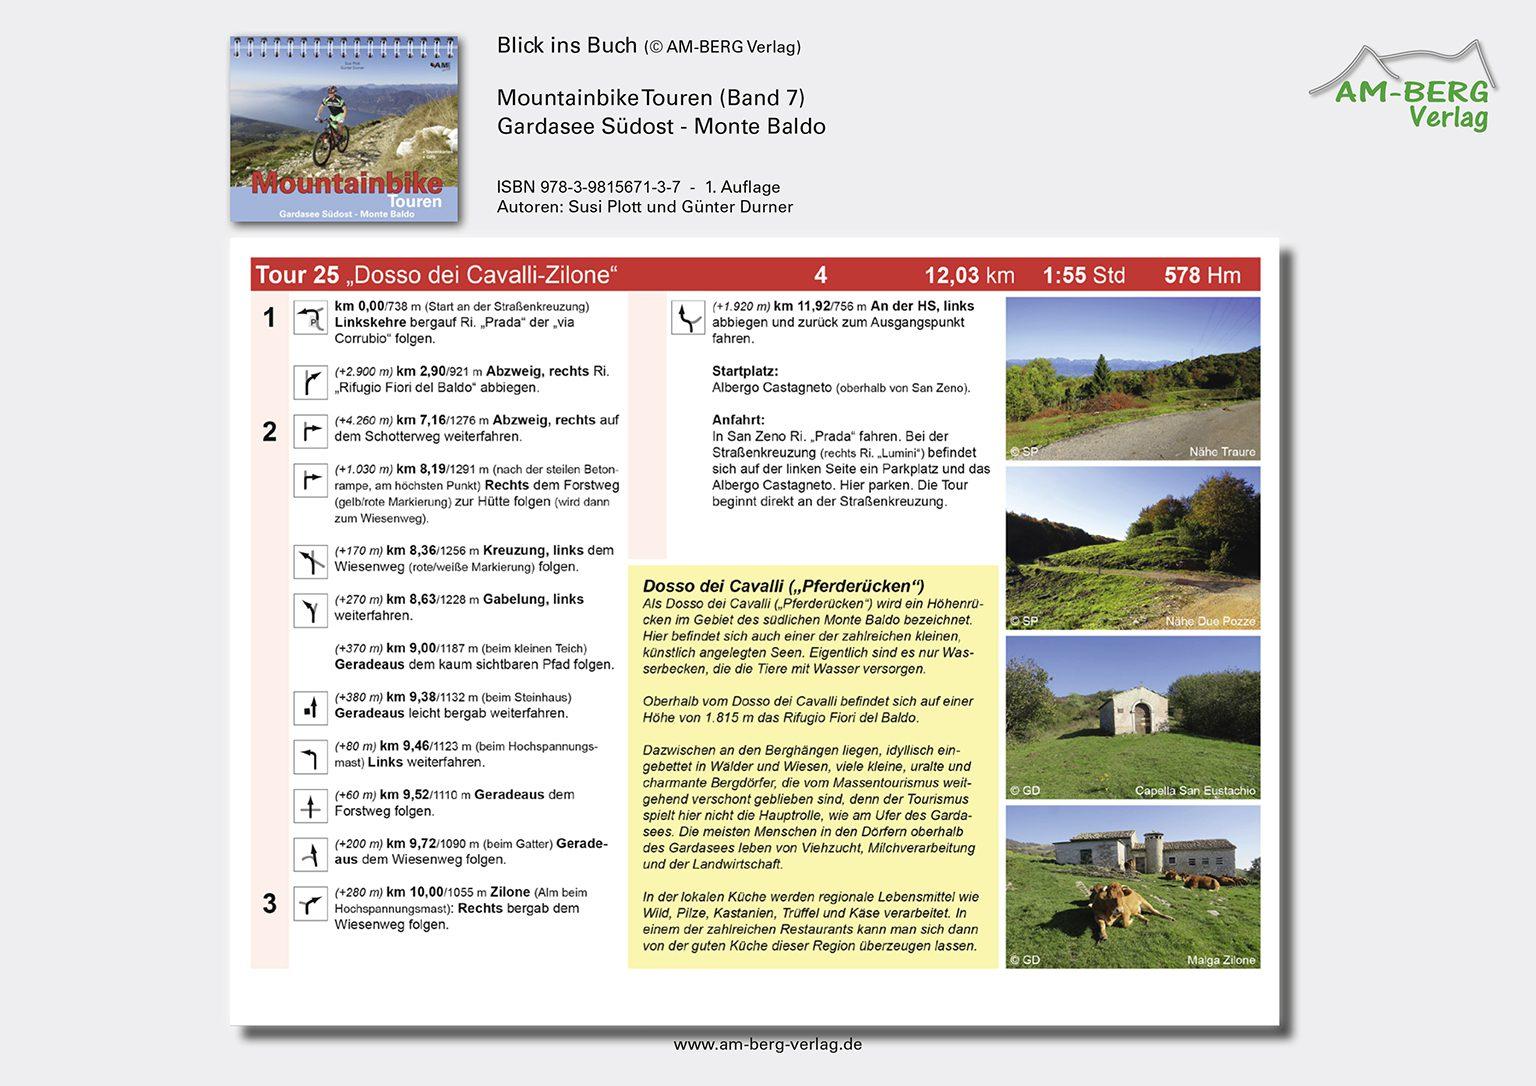 Mountainbike Touren Gardasee Südost - Monte Baldo_BlickinsBuch10